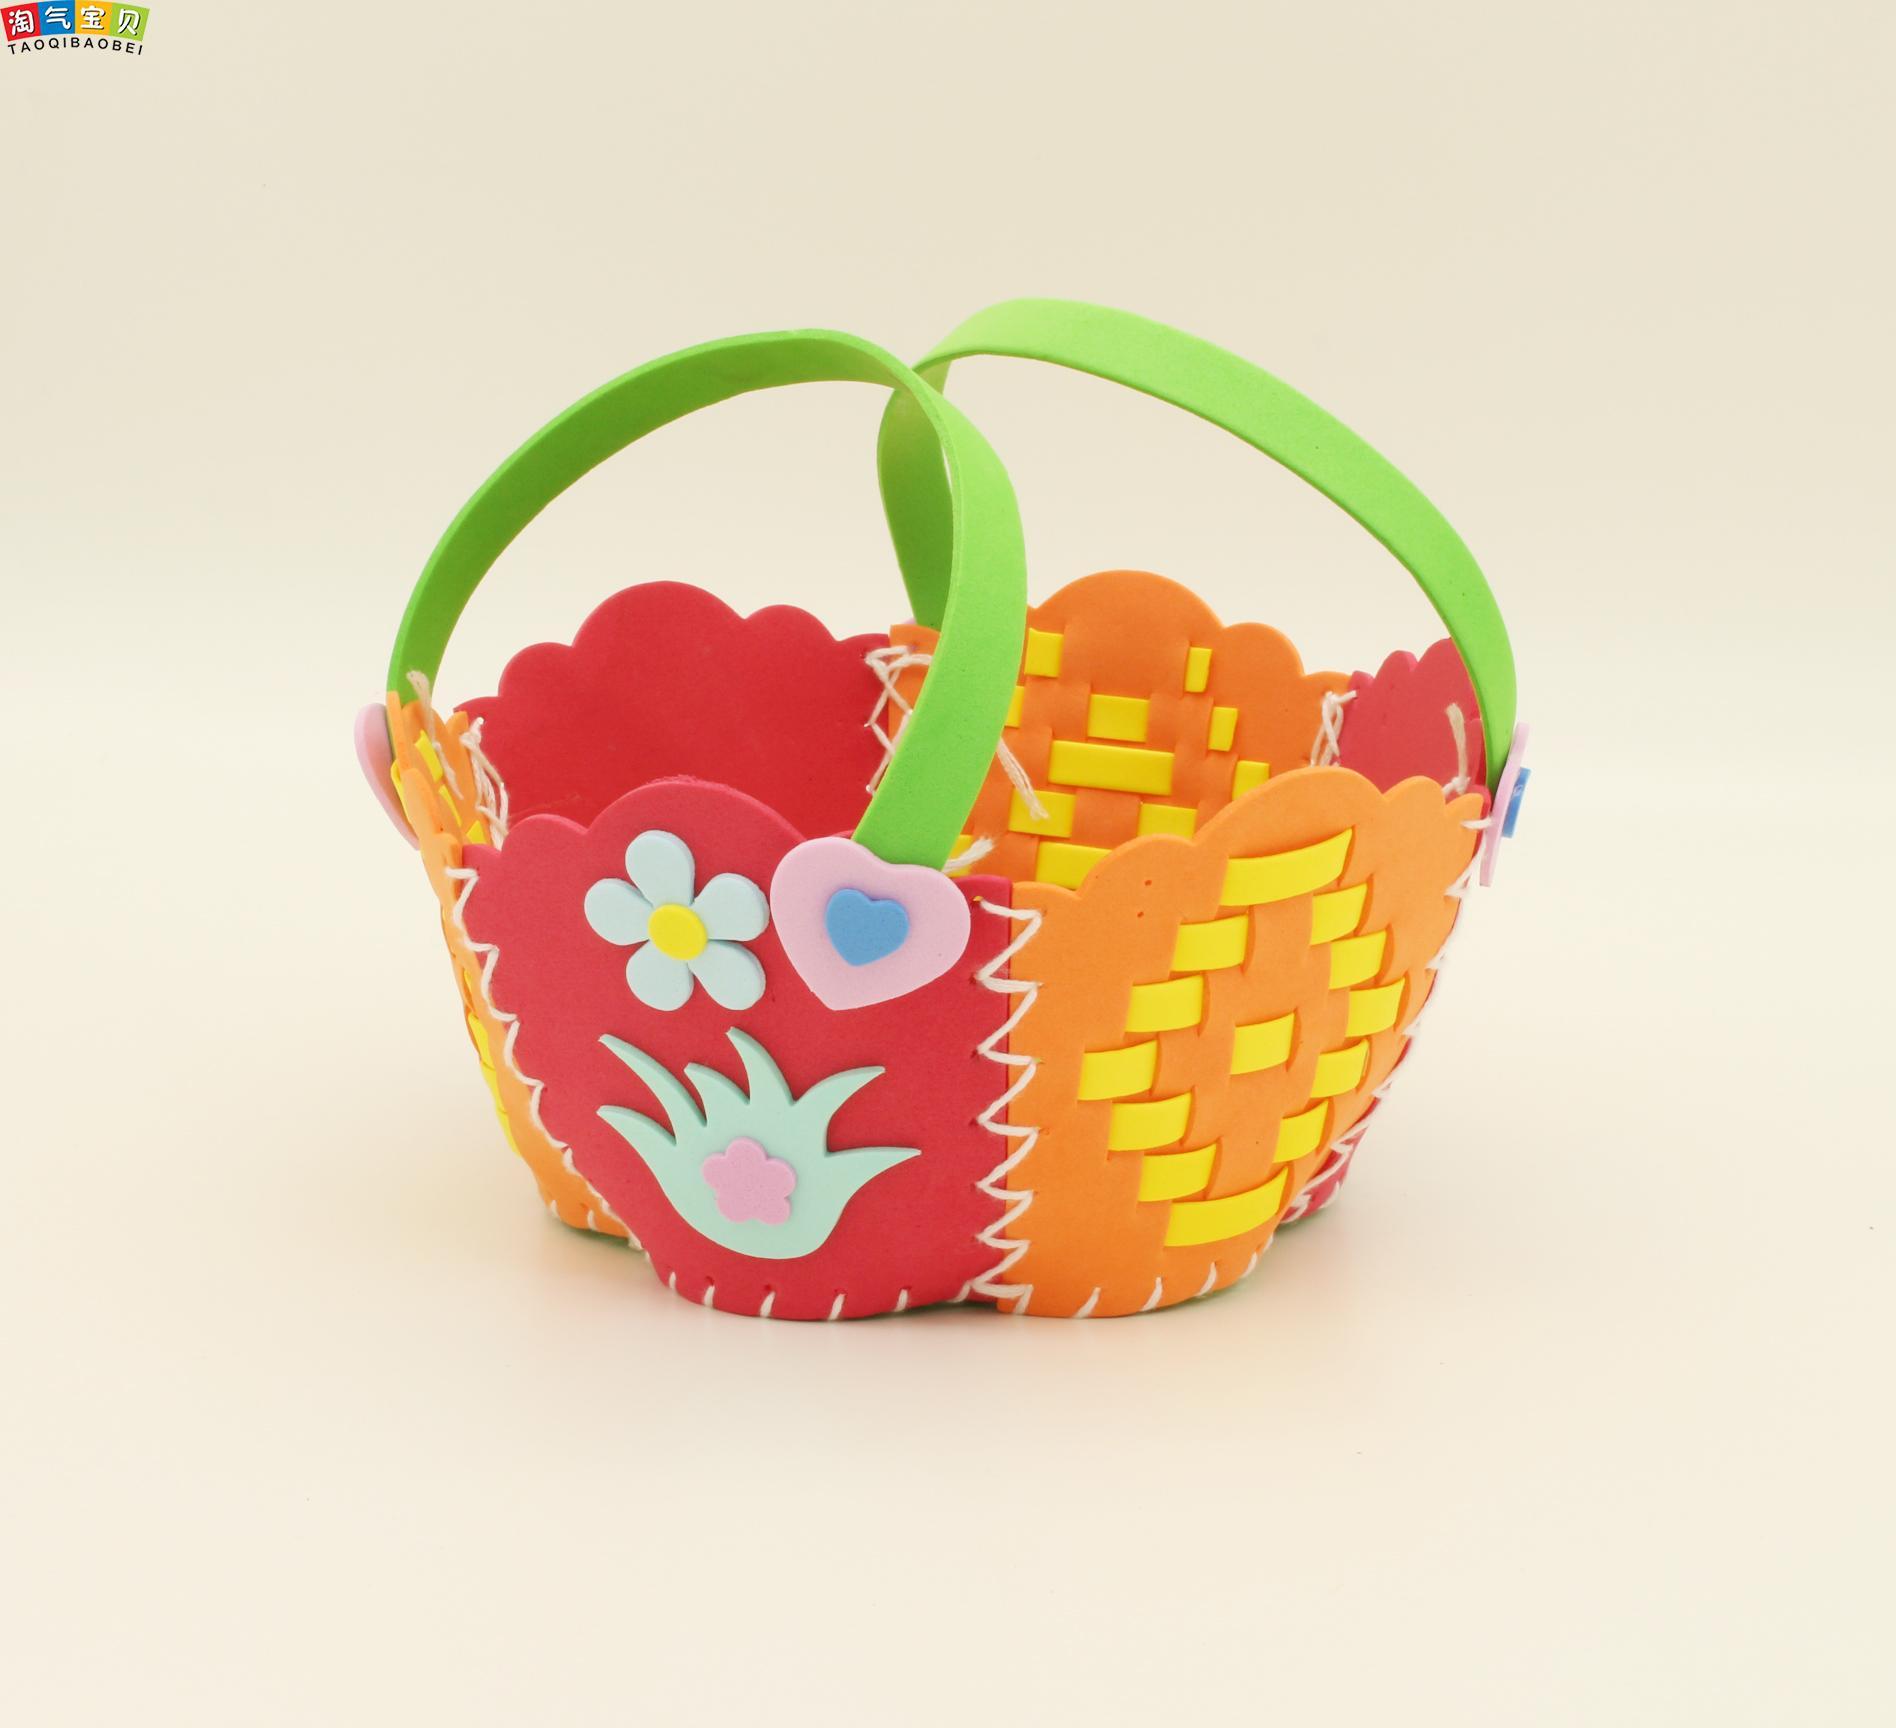 六一儿童节diy手工制作eva编织蓝 花篮 幼儿园手工材料包手工花篮